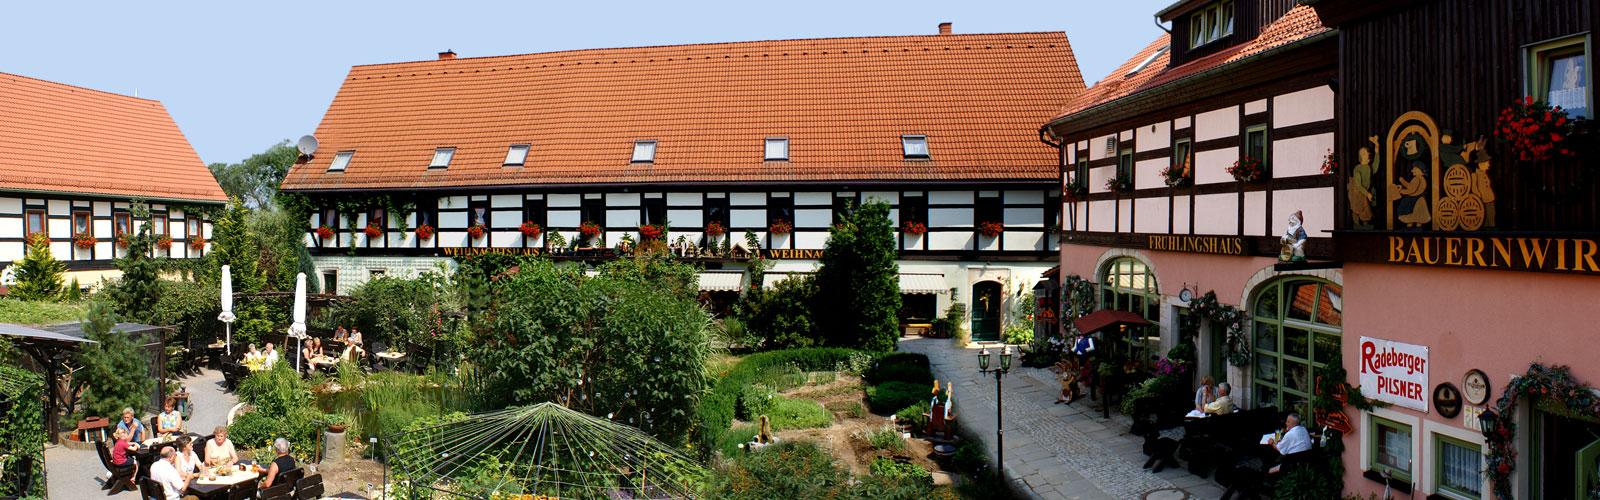 Kunsthandwerkerhaus Dreiseitenhof